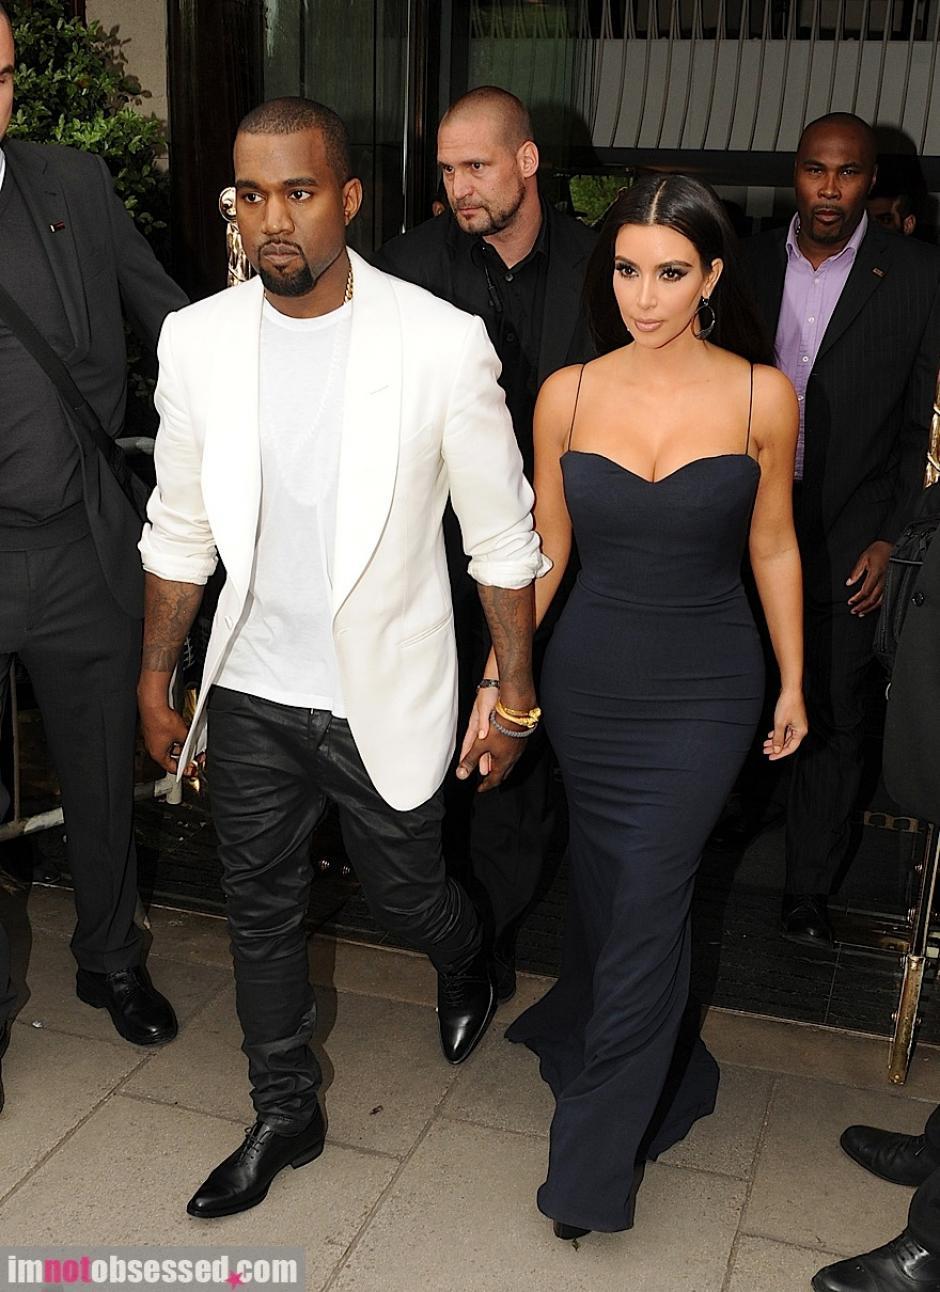 Kanye fue internado en una clínica por un ataque nervioso y Kim lo está apoyando pero luego se separaría. (Foto: Google)